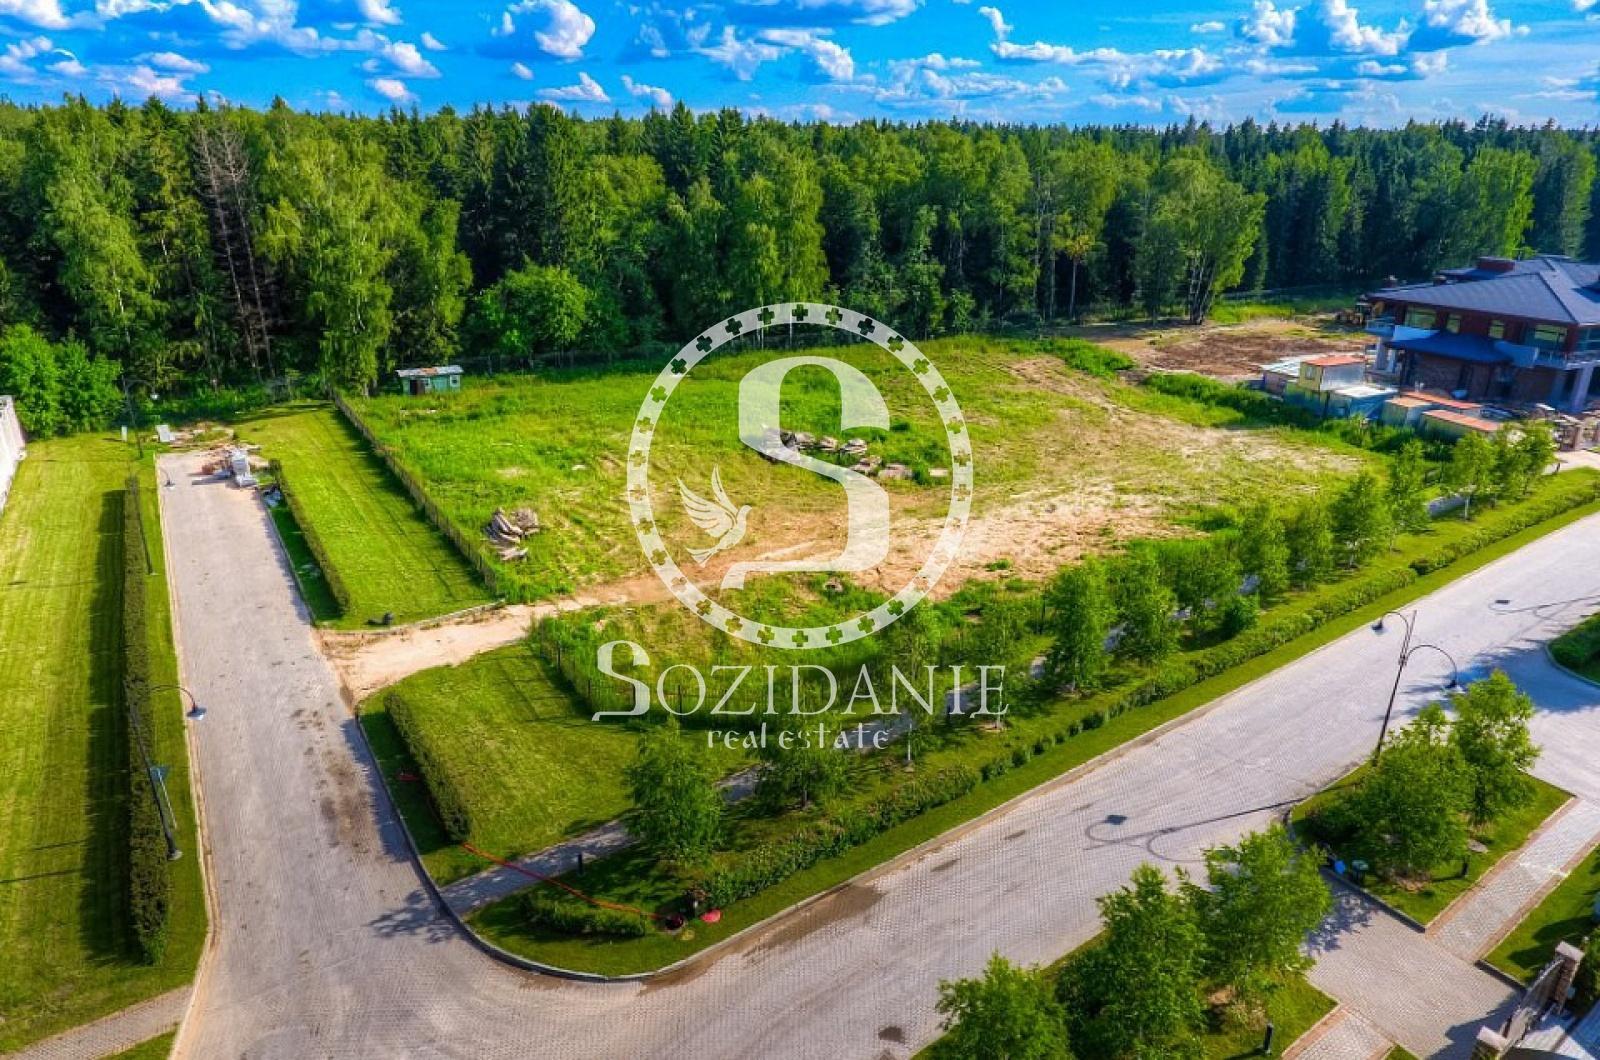 Загородная, Продажа, Listing ID 3548, Московская область, Россия,